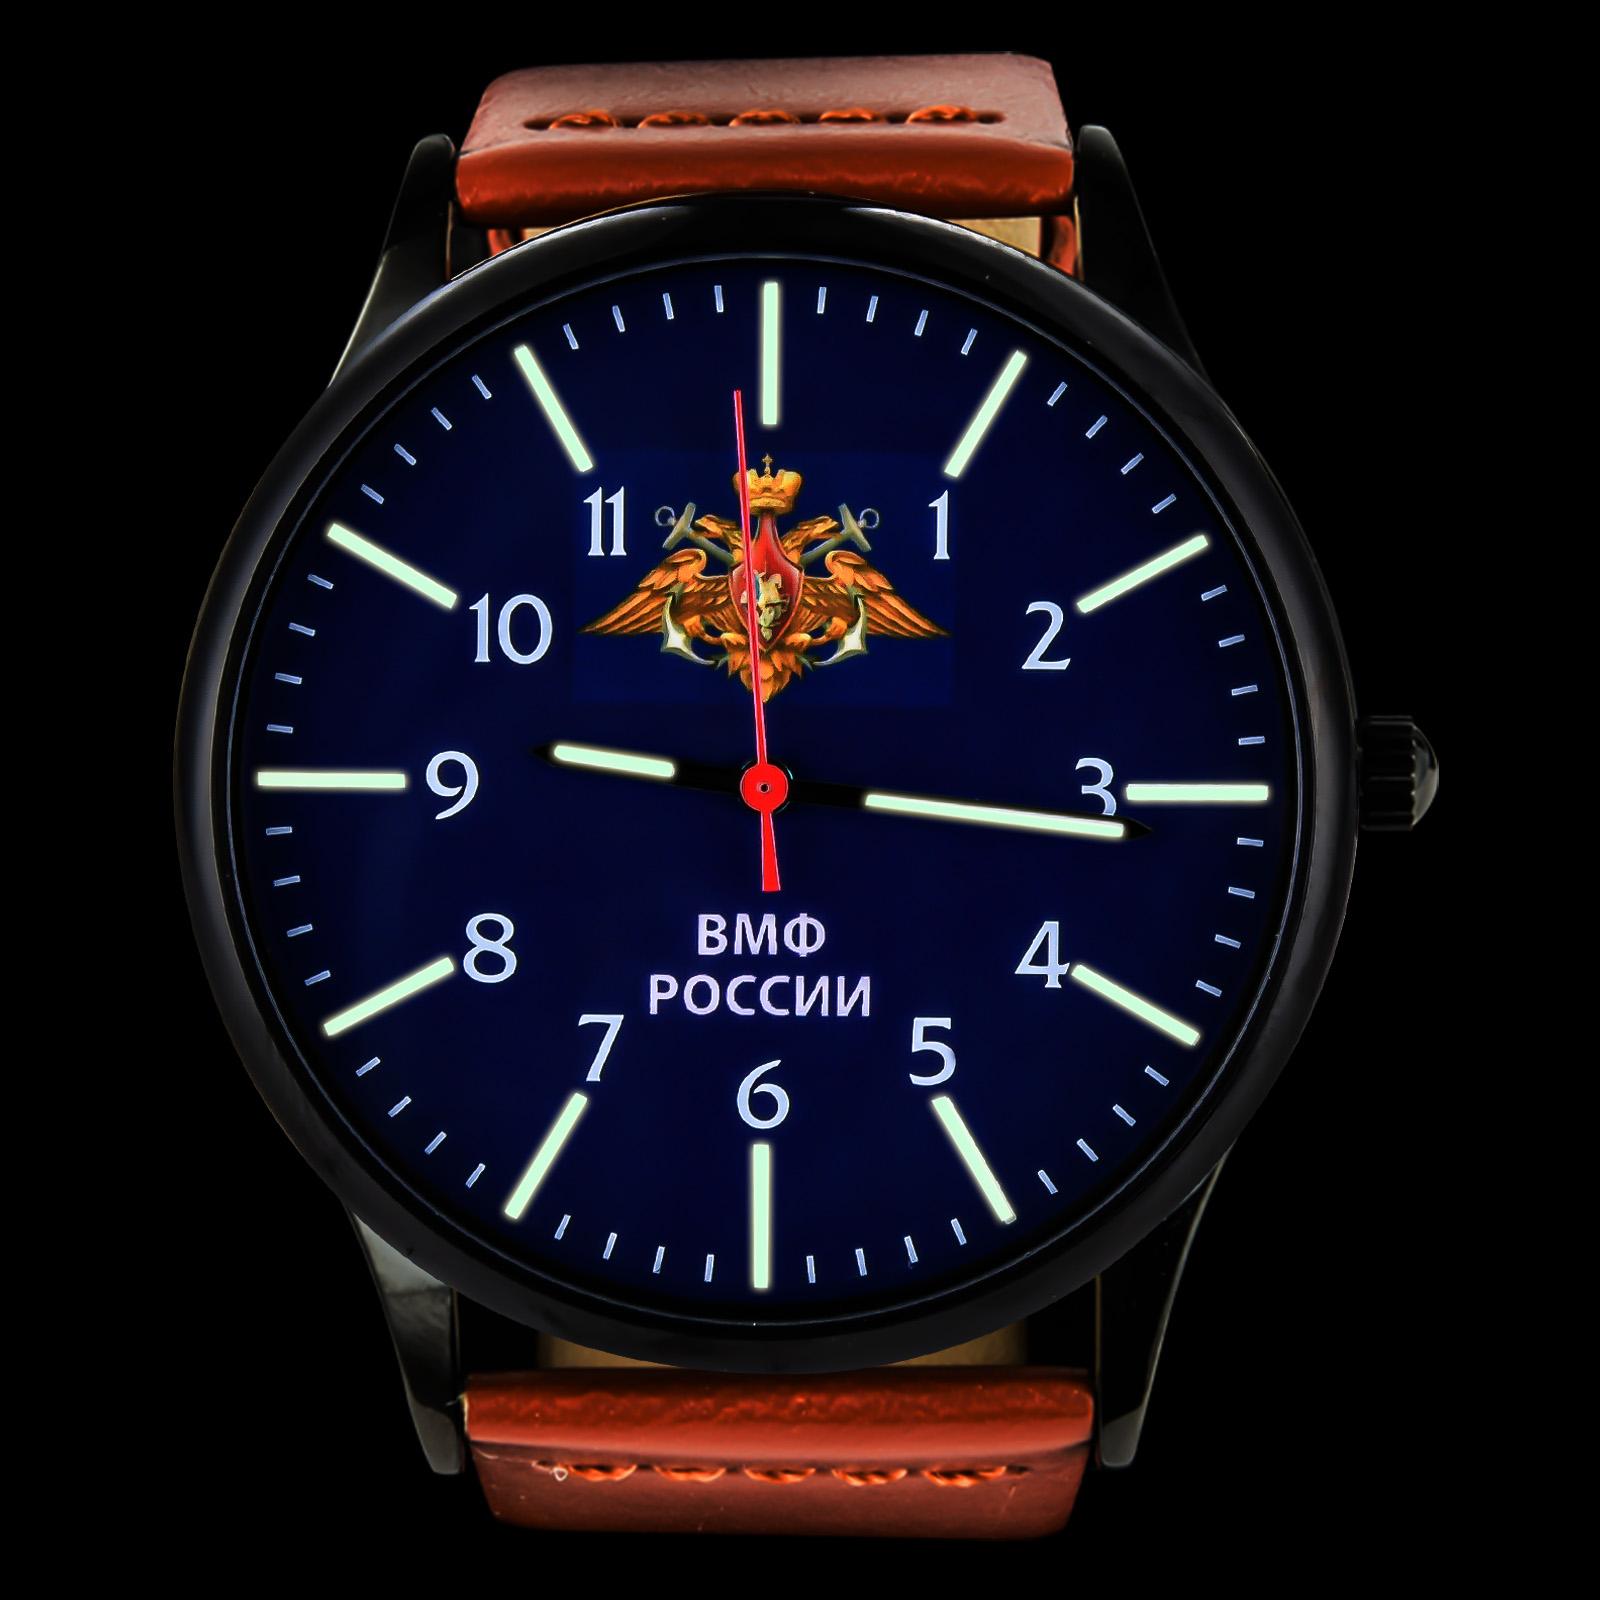 Командирские часы ВМФ